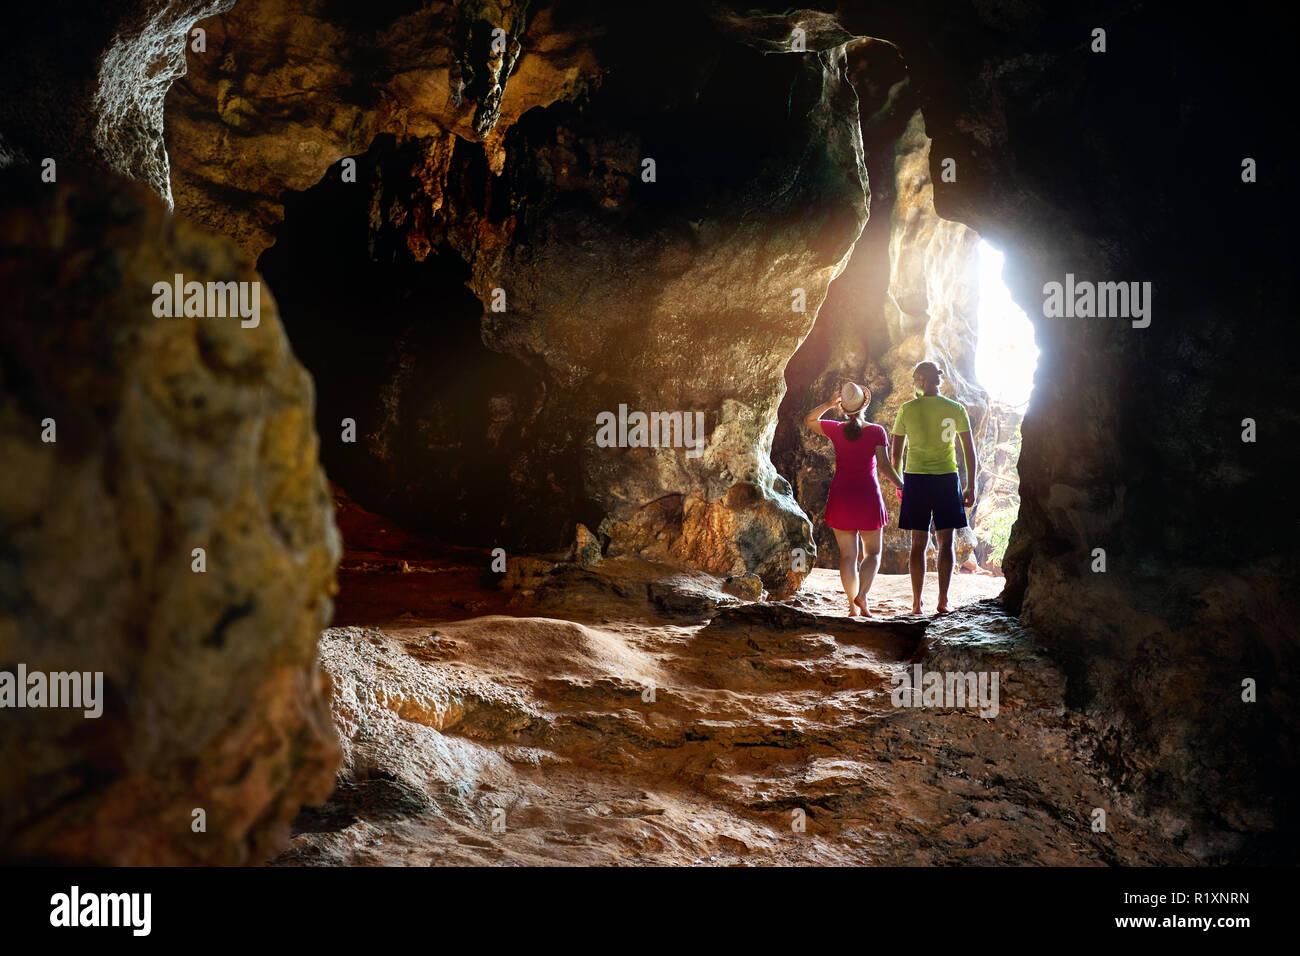 Glückliches junges Paar in der großen Höhle bei Phra Nang Beach, Provinz Krabi im Süden Thailands. Reisemagazin Konzept. Stockfoto